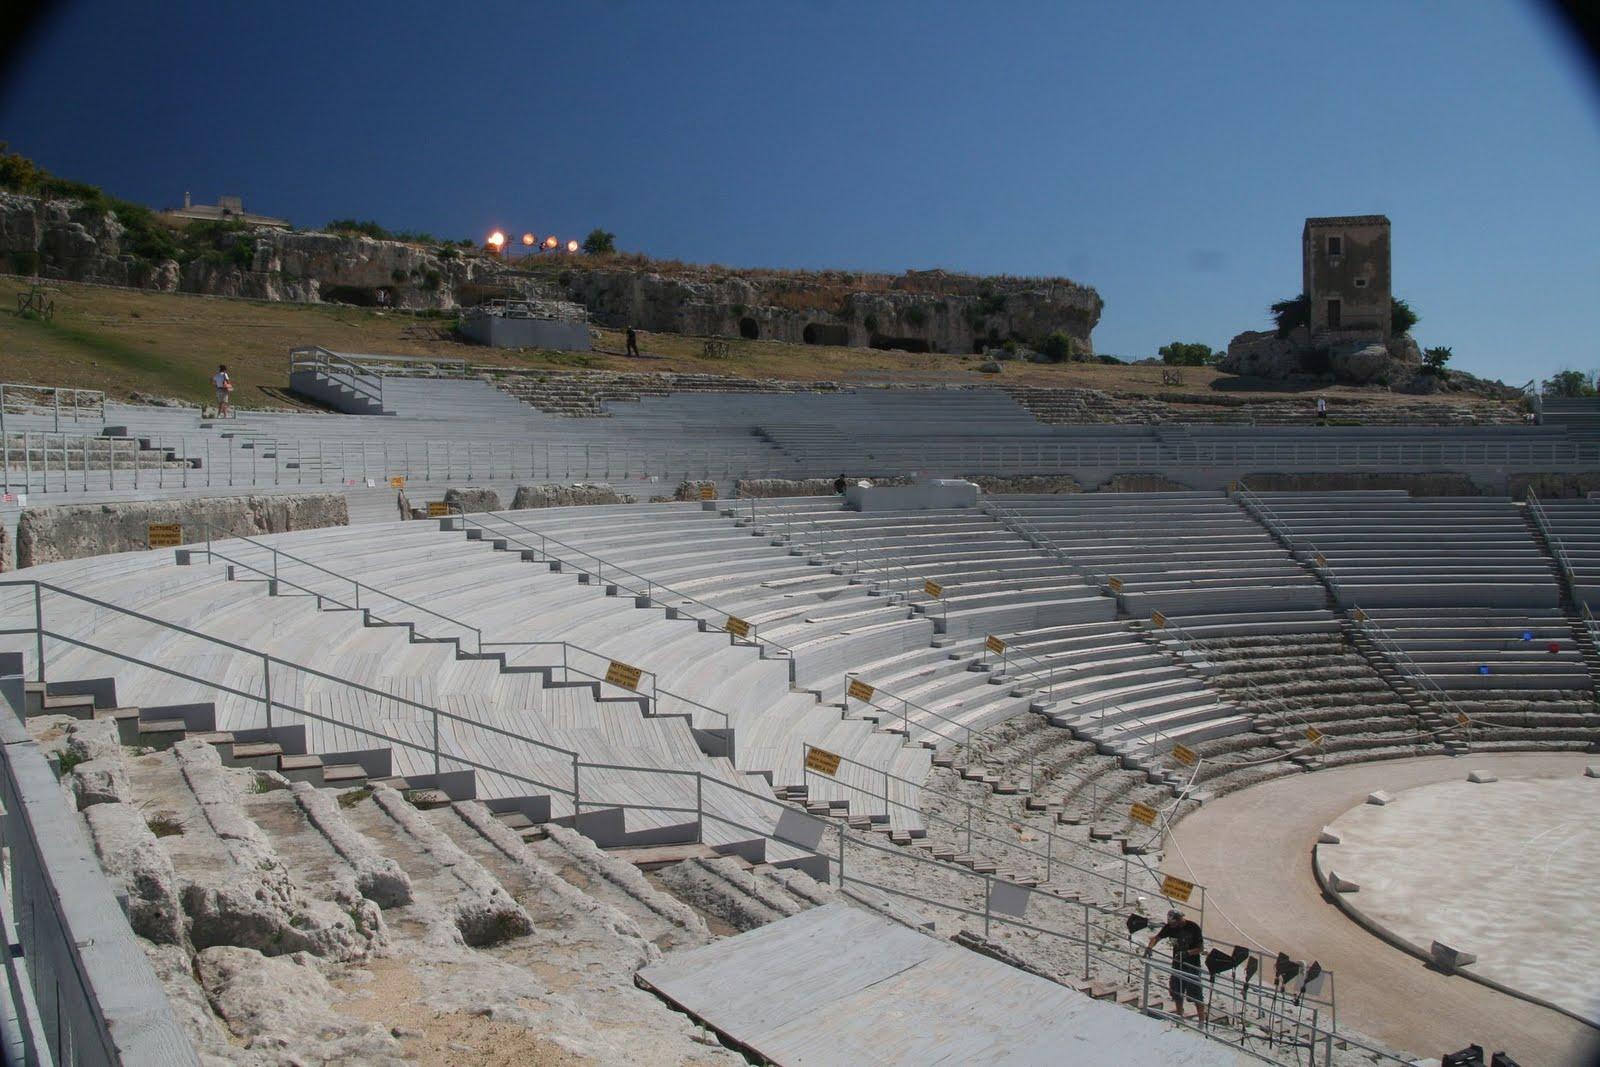 el teatro se alza en una zona carente de vegetacion en la parte superior hay paredes rocosas con muchas cavidades votivas asi como una pequena gruta